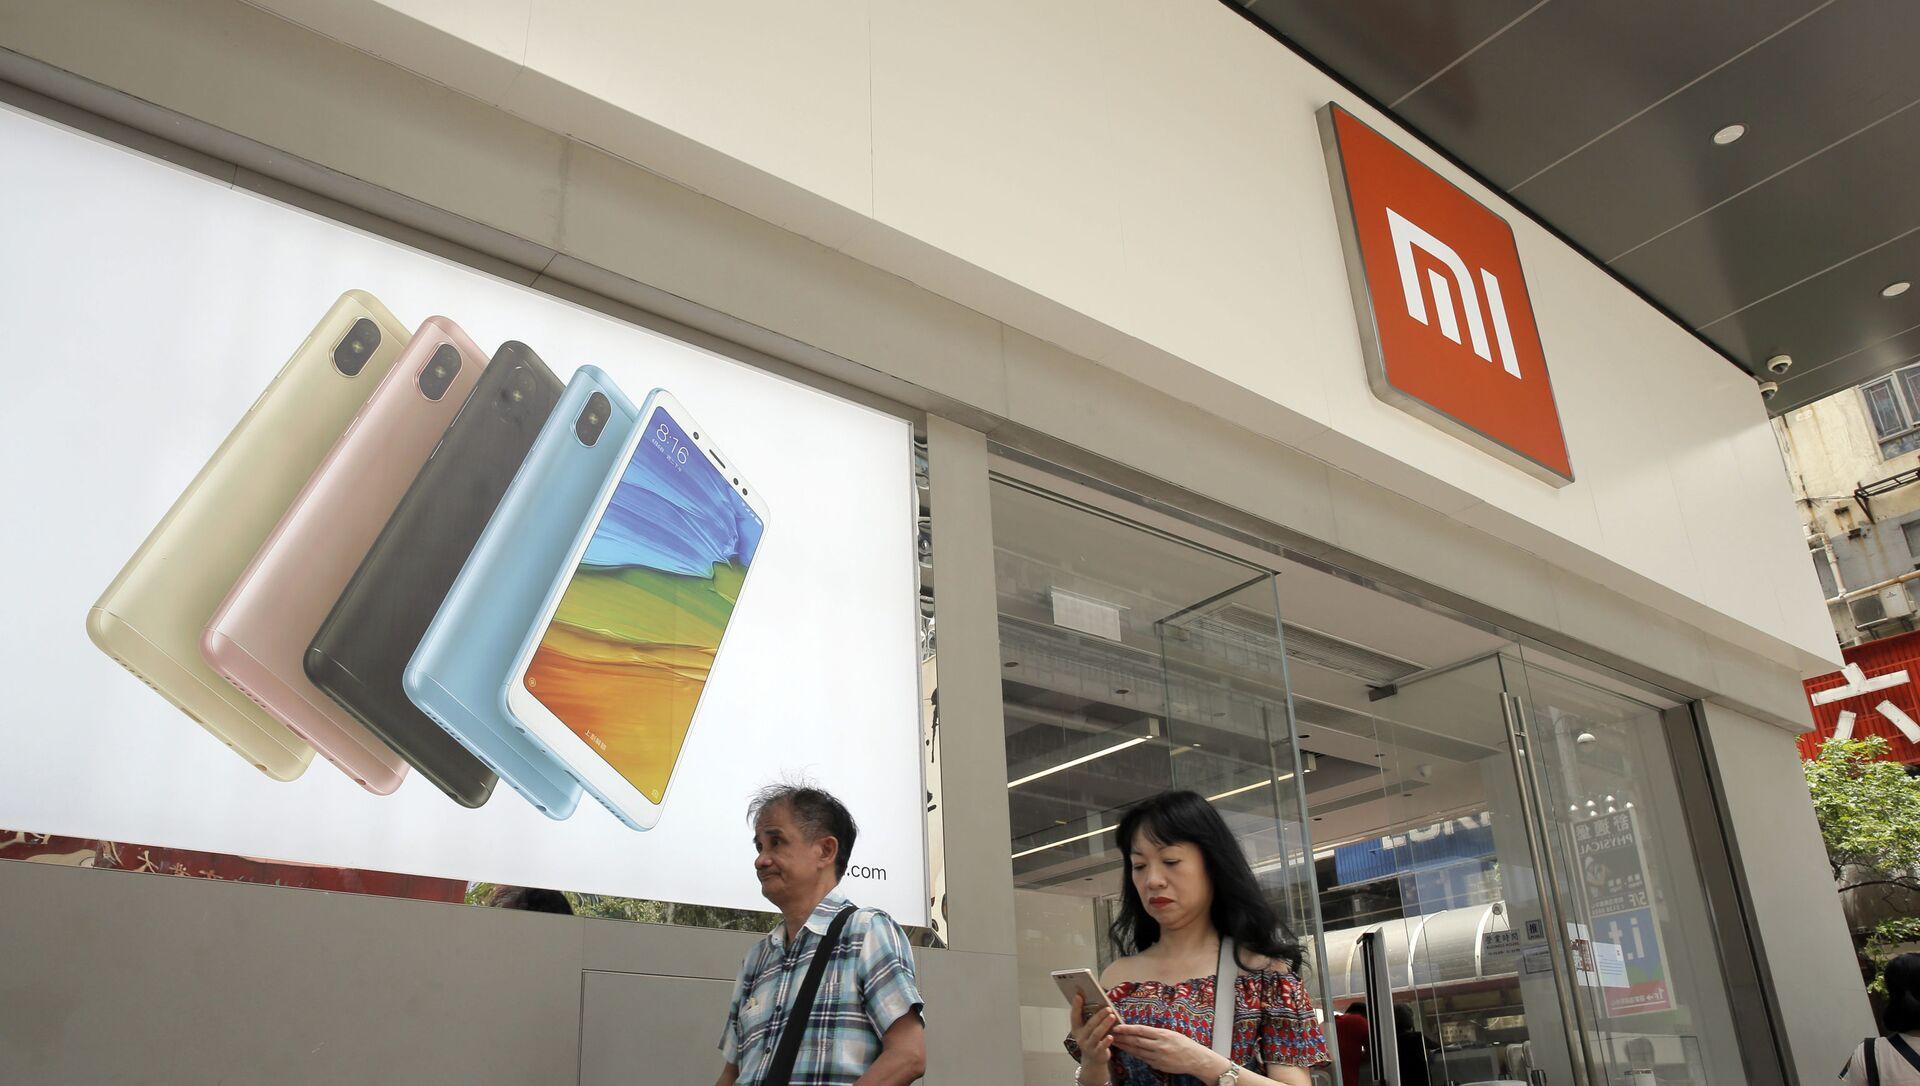 Xiaomi店 - Sputnik 日本, 1920, 05.07.2021